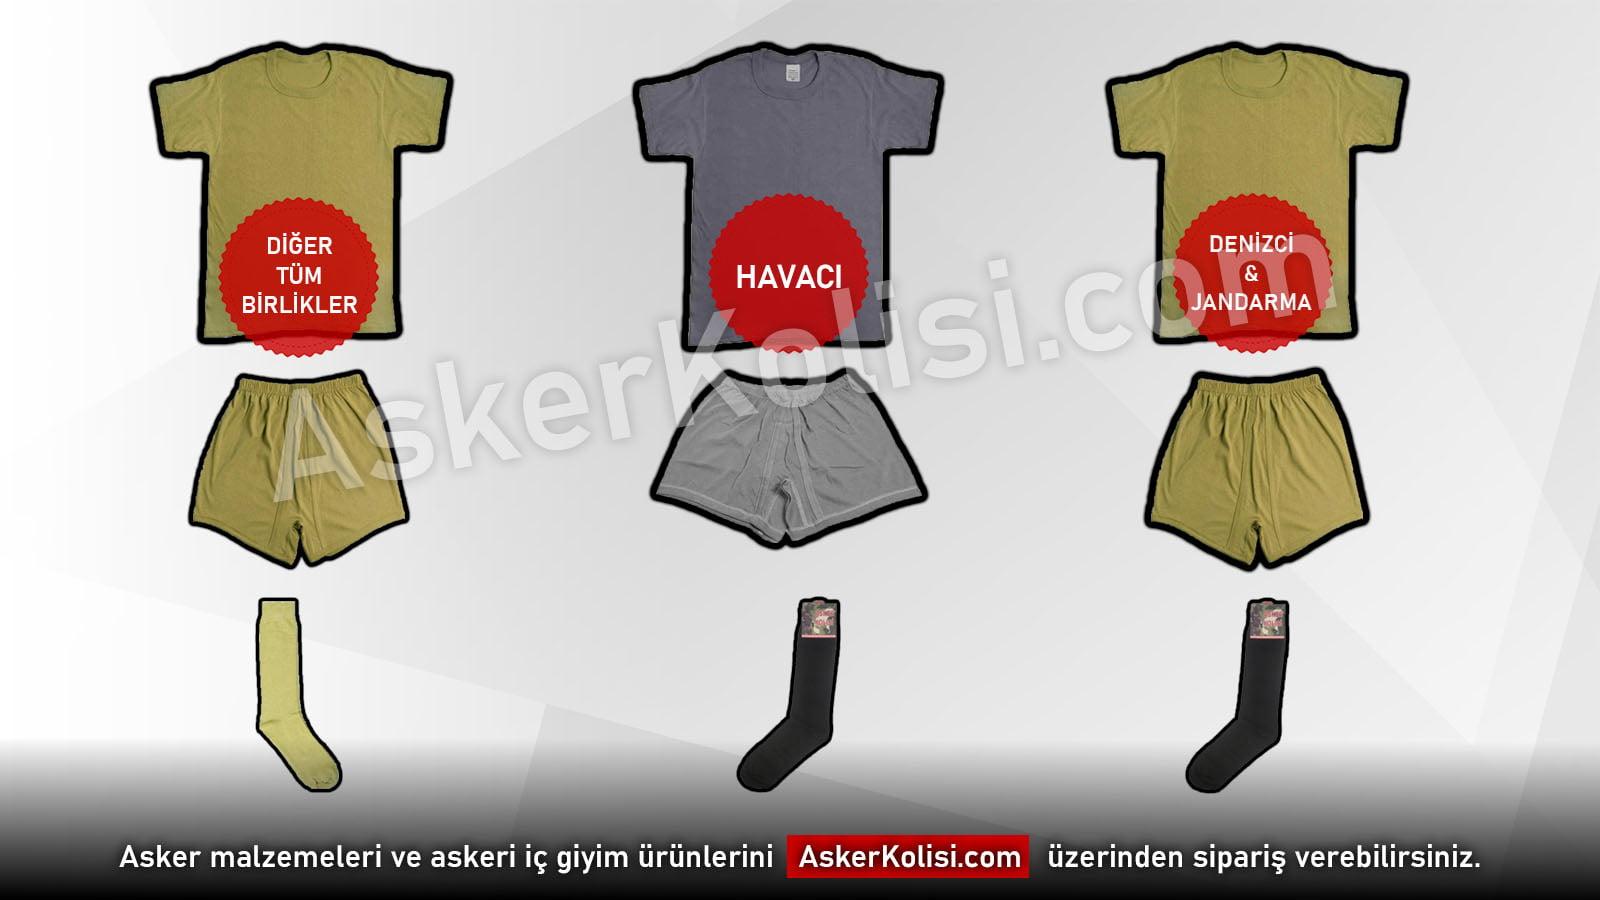 havaci denizci jandarma asker kiyafet renkleri ic giyim asker malzemeleri